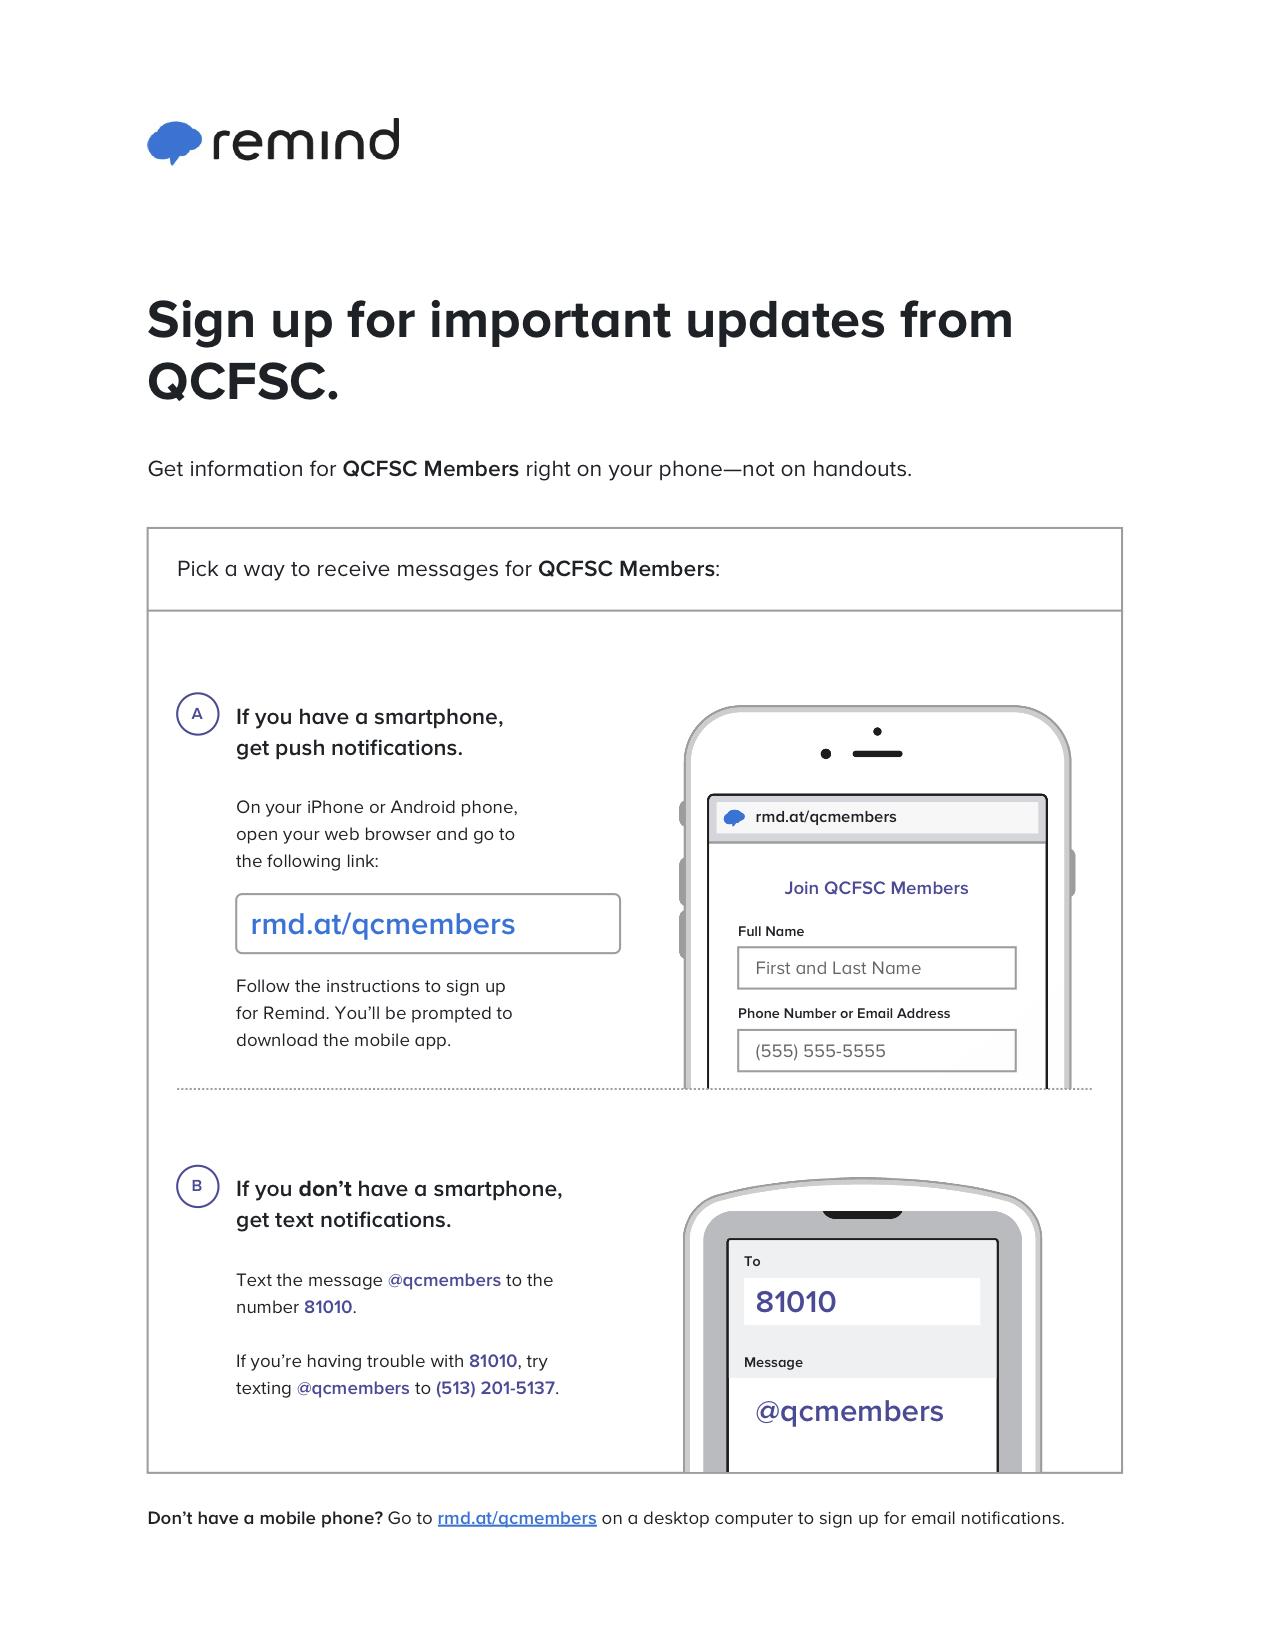 QCFSC Reminder Signup